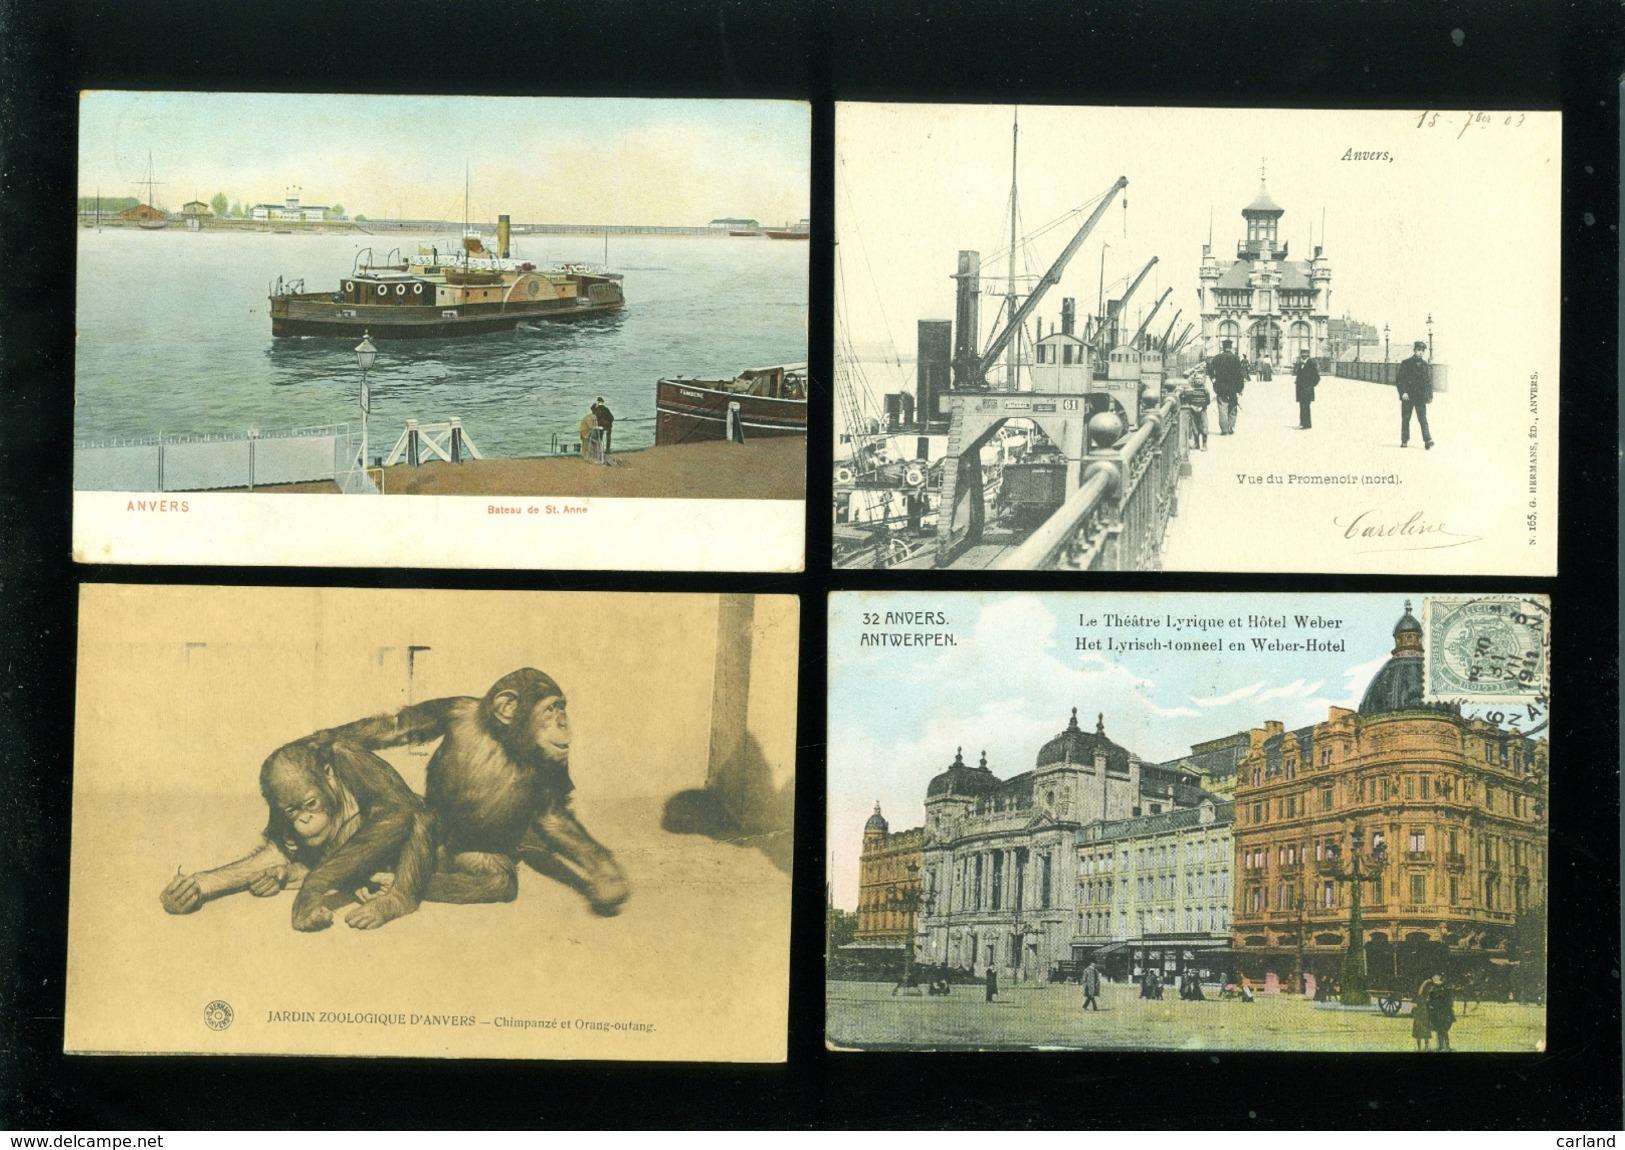 Grand Lot De 400 Cartes Postales D' Anvers (genre Drouille) Groot Lot 400 Postkaarten Van Antwerpen  ( Brol ) - 51 Scans - 100 - 499 Cartes